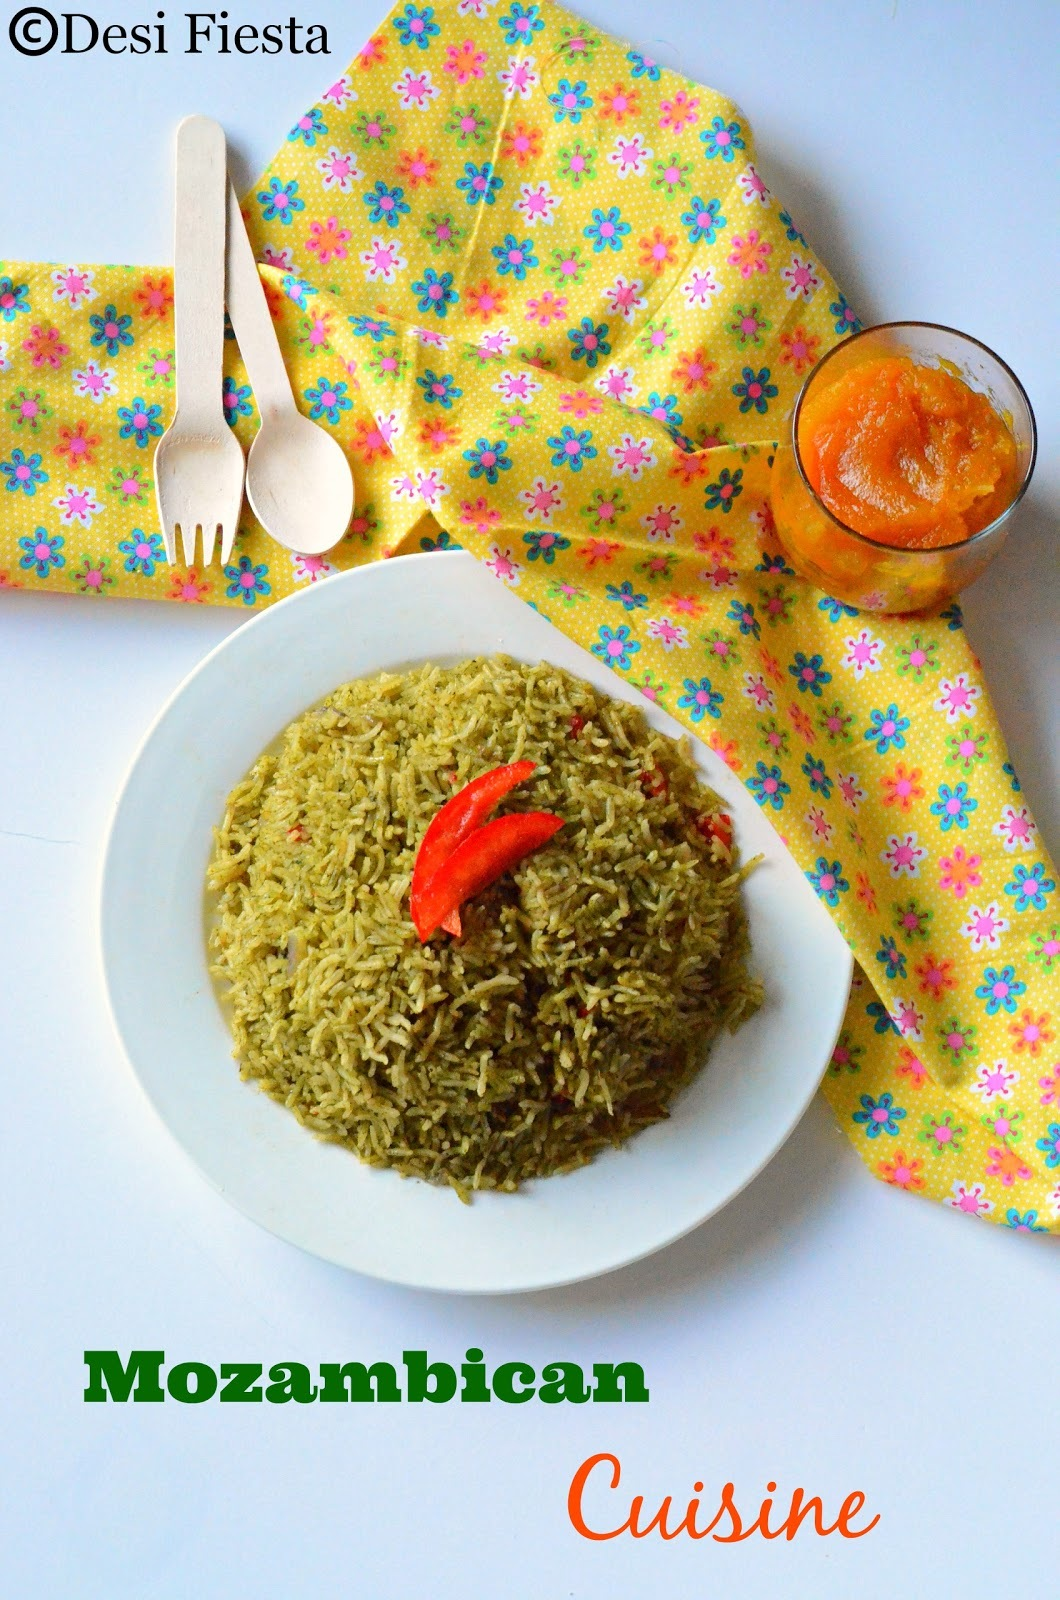 Arroz Verde Recipe ( Green rice) | Doce de Abóbora com Côco ( Pumpkin Jam With Coconut)  -Mozambique/Mozambican Cuisine